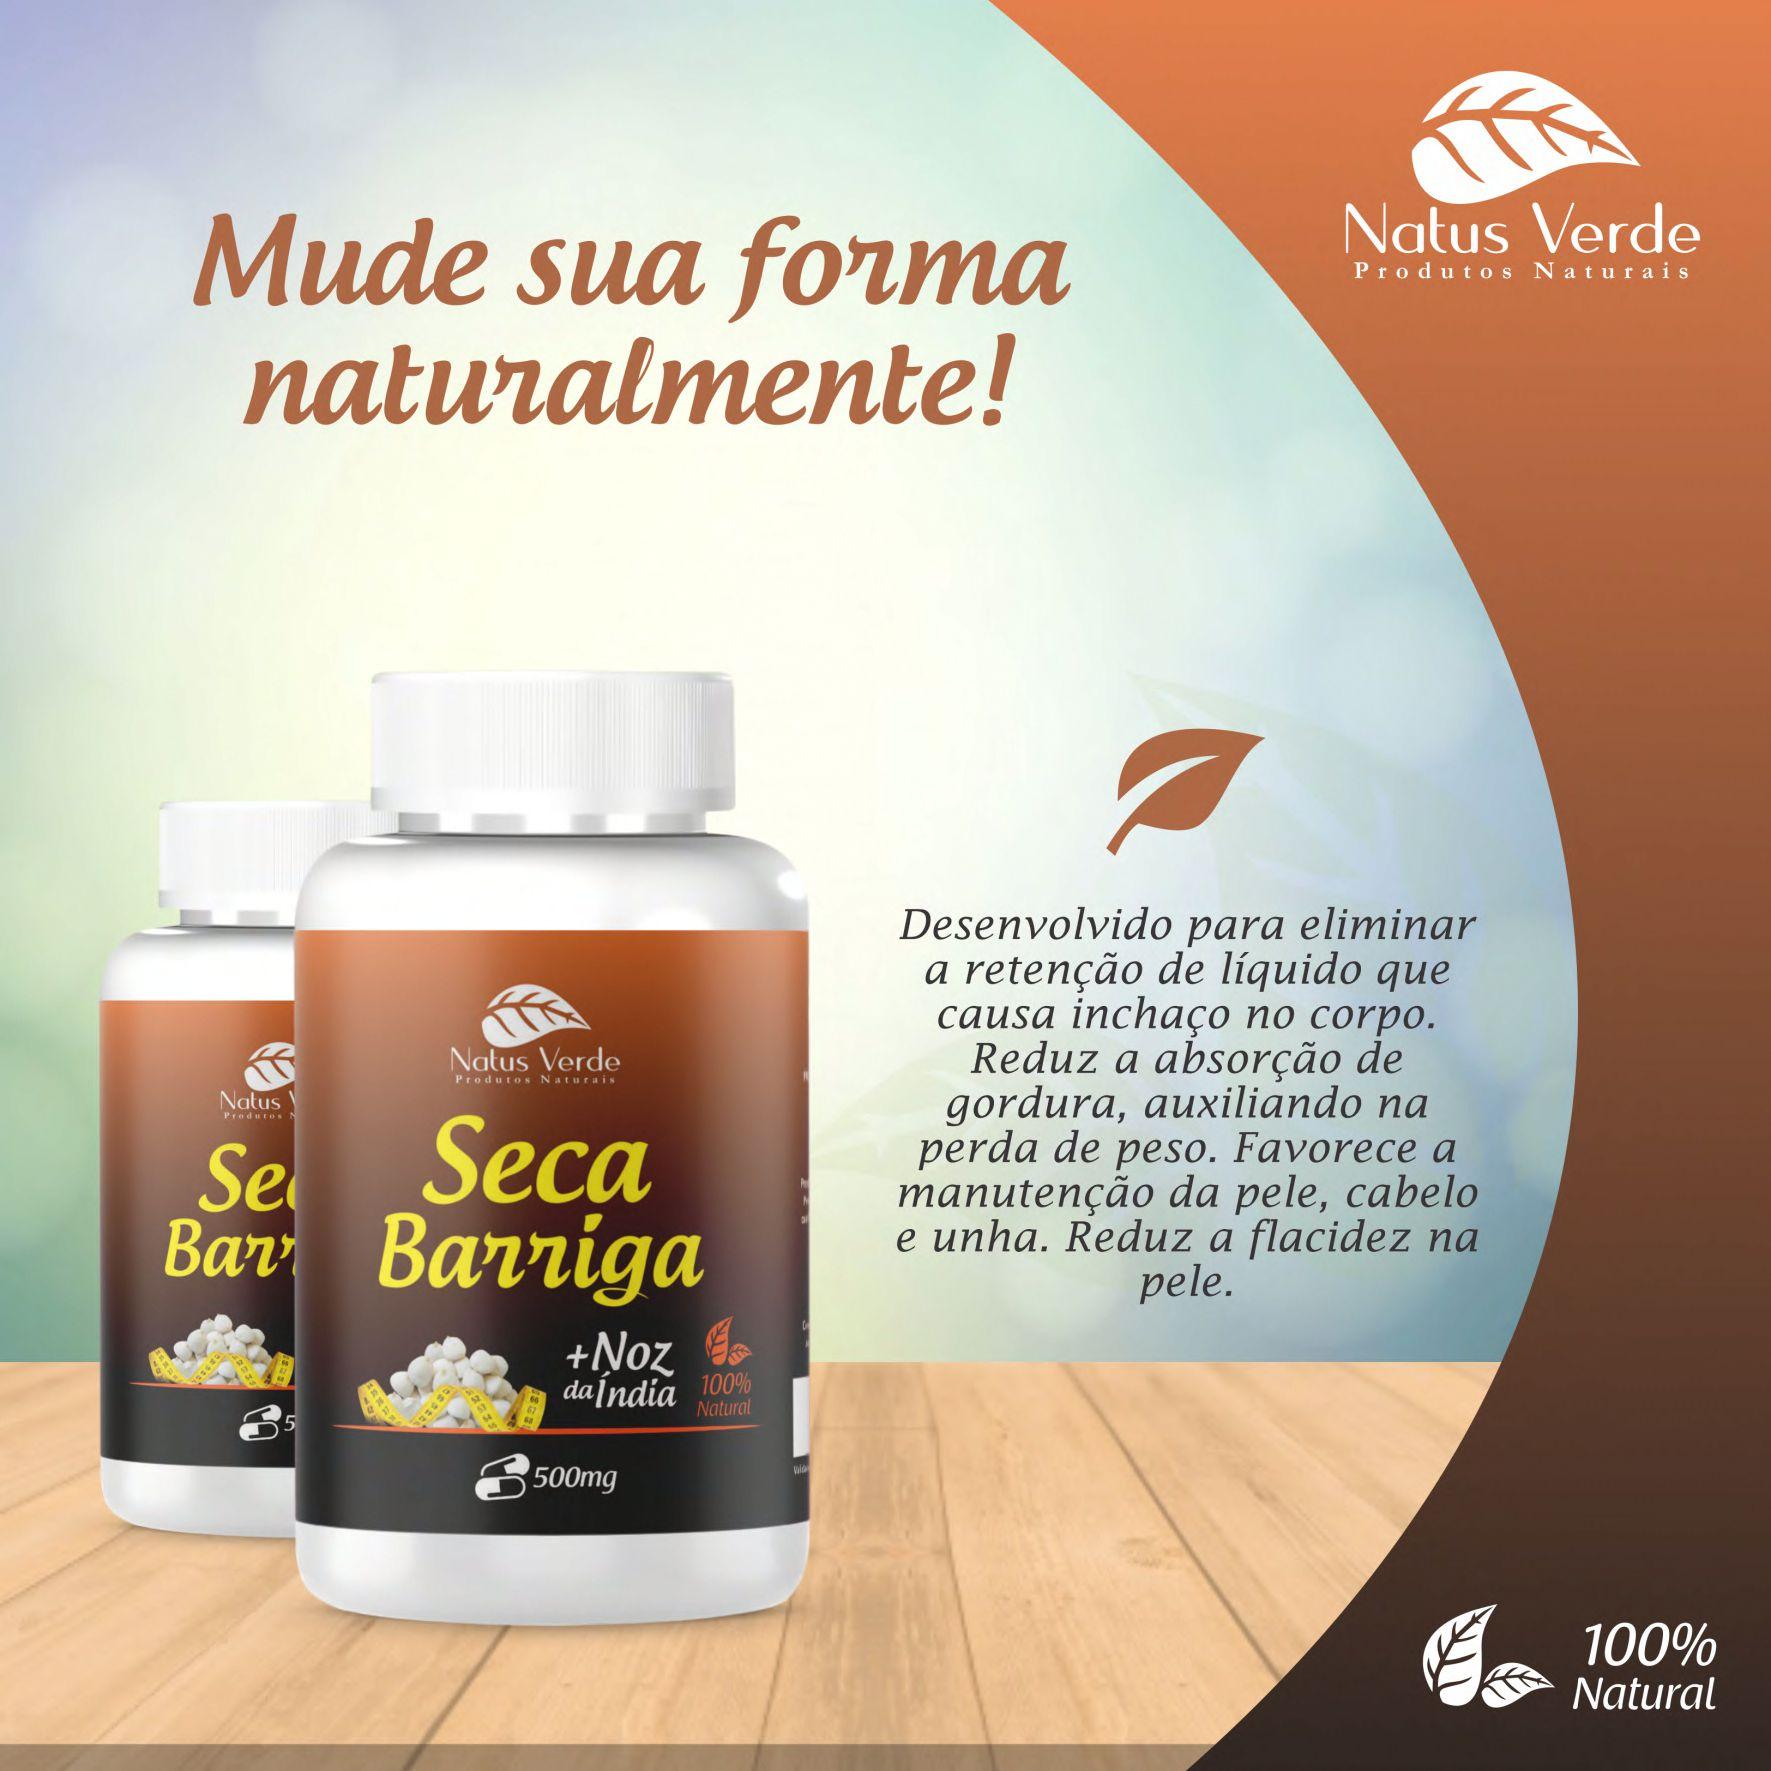 Seca Barriga com Noz da Índia produto Natural Natus Verde   - Fribasex - Fabricasex.com